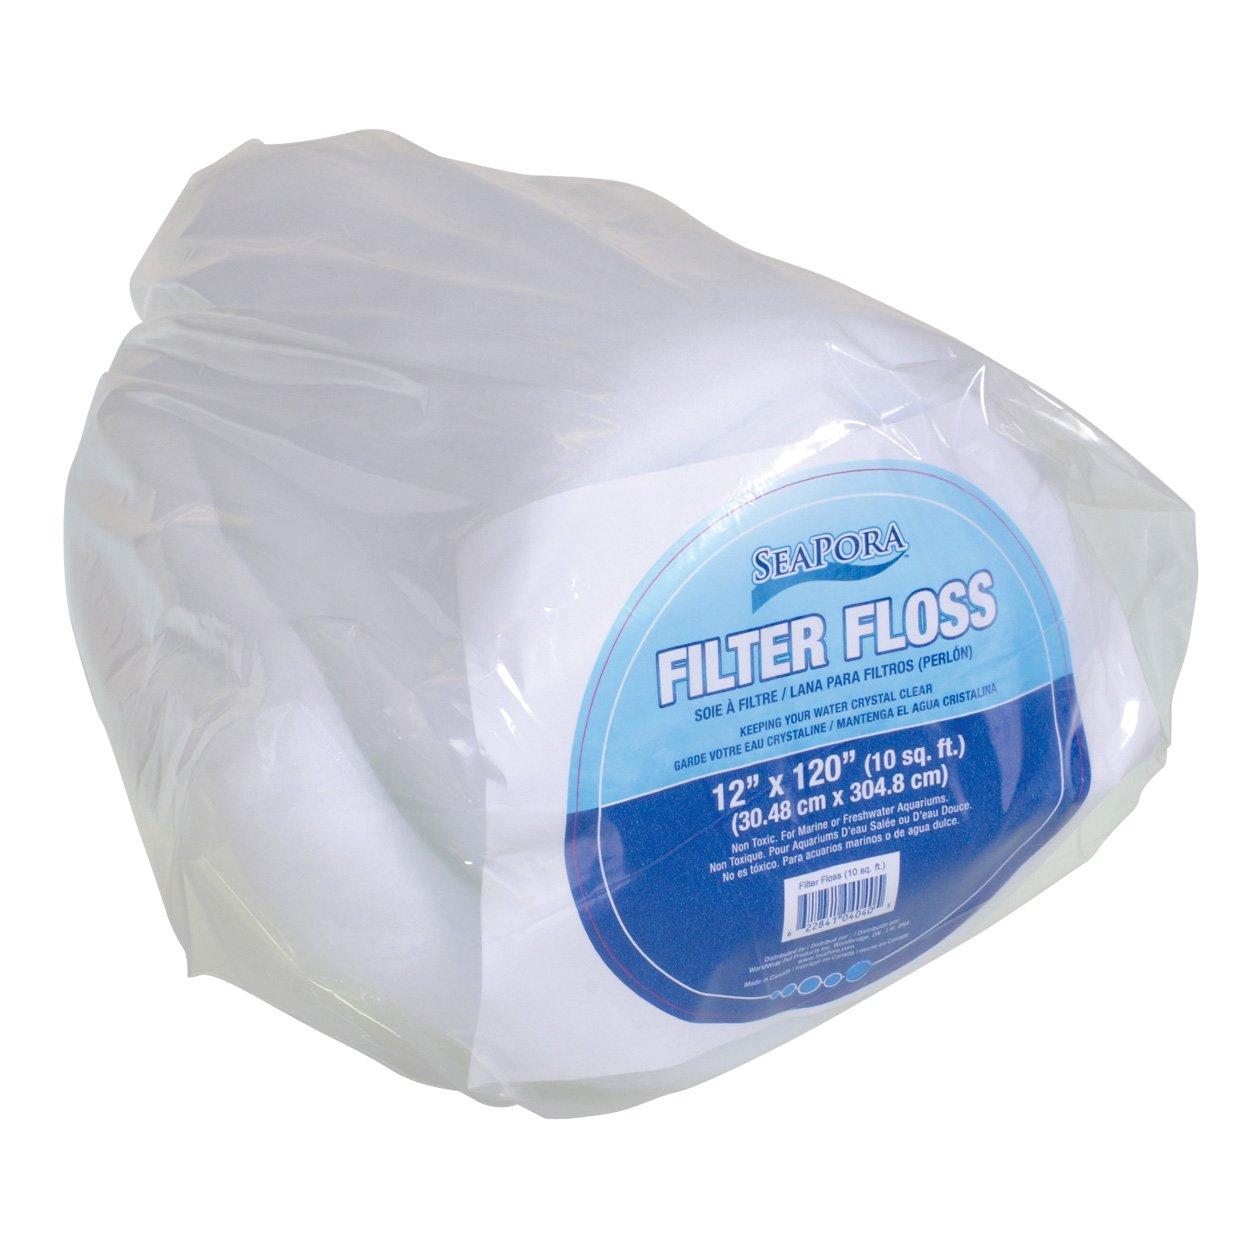 Amazon.com : Seapora 4040 Filter Floss Aquarium Filter Pad, 10 sq. ft./12